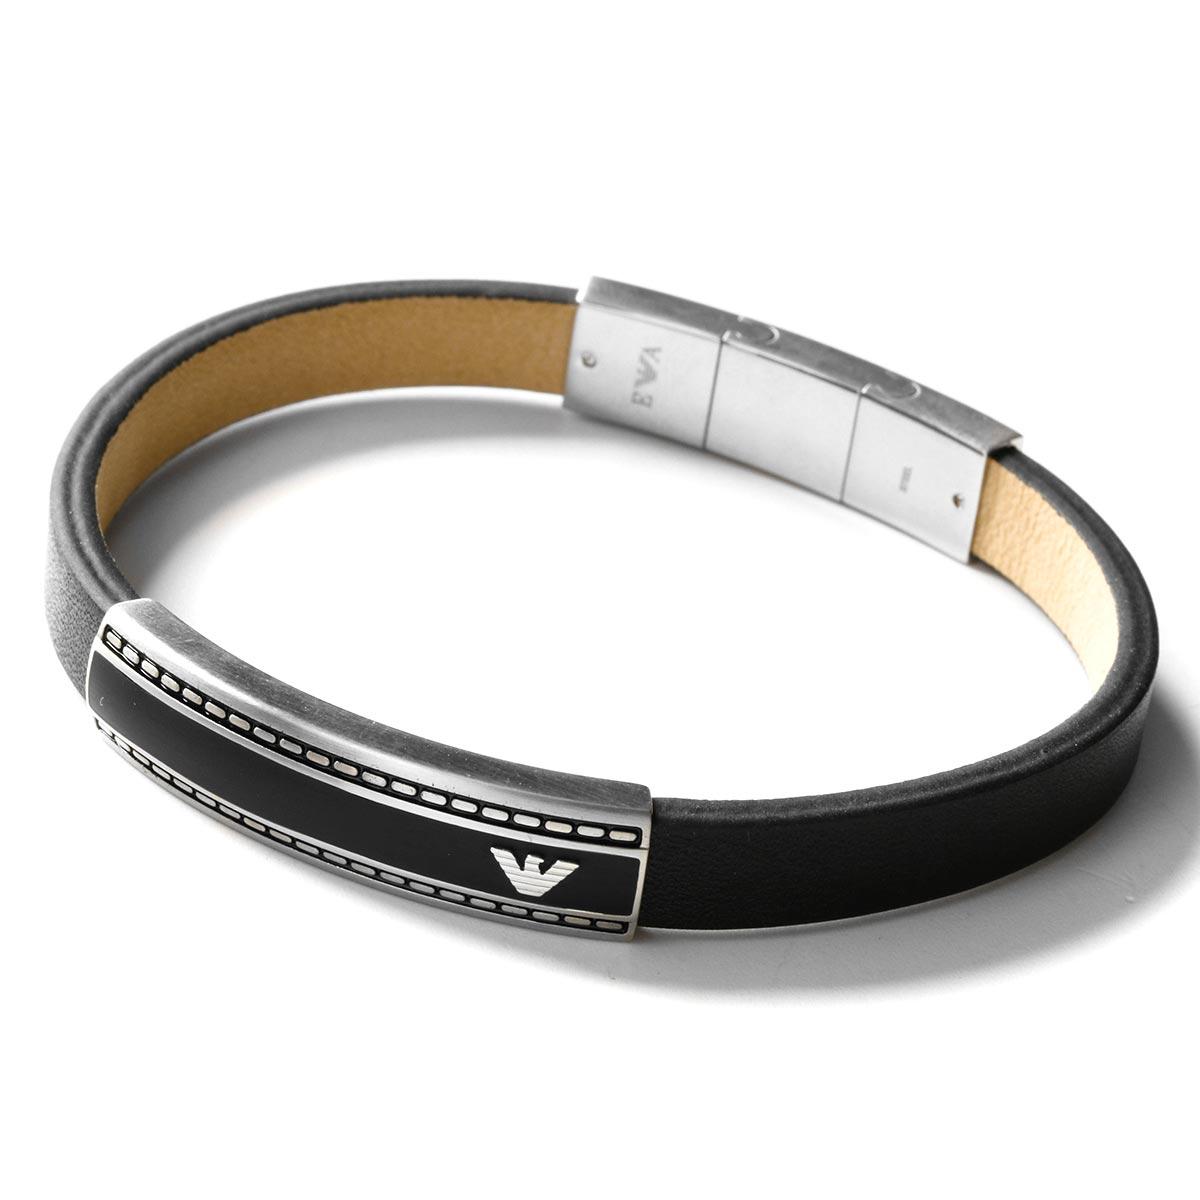 エンポリオアルマーニ ブレスレット アクセサリー メンズ イーグルマーク シルバー&ブラック EGS1923040 EMPORIO ARMANI